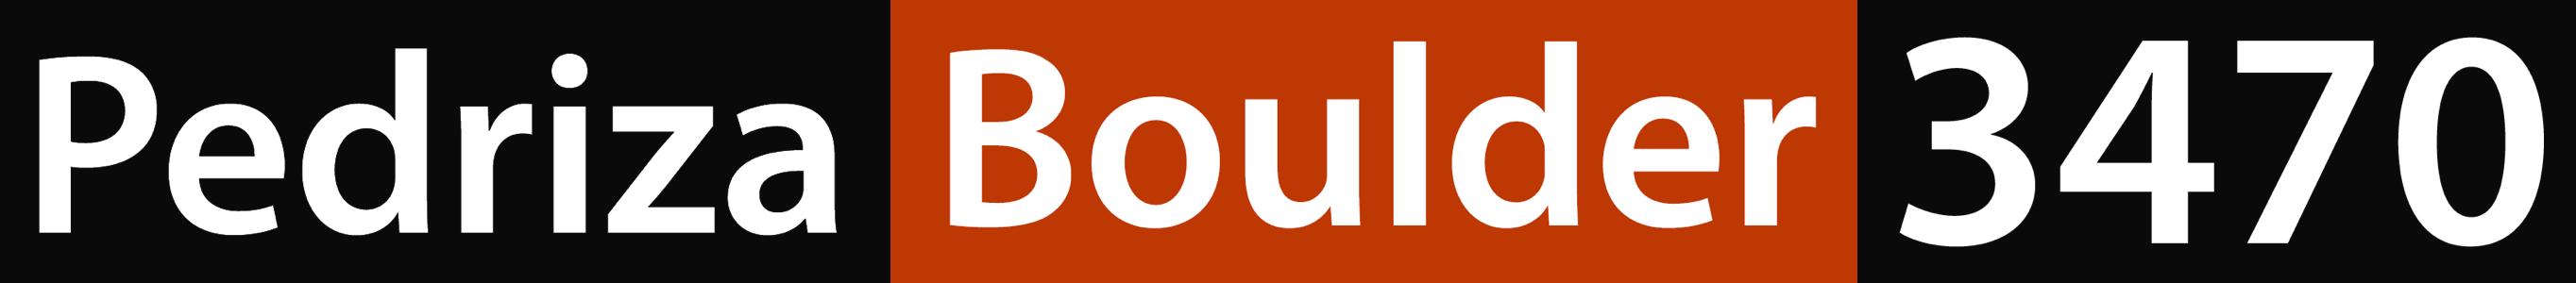 Pedriza Boulder 3470 logo